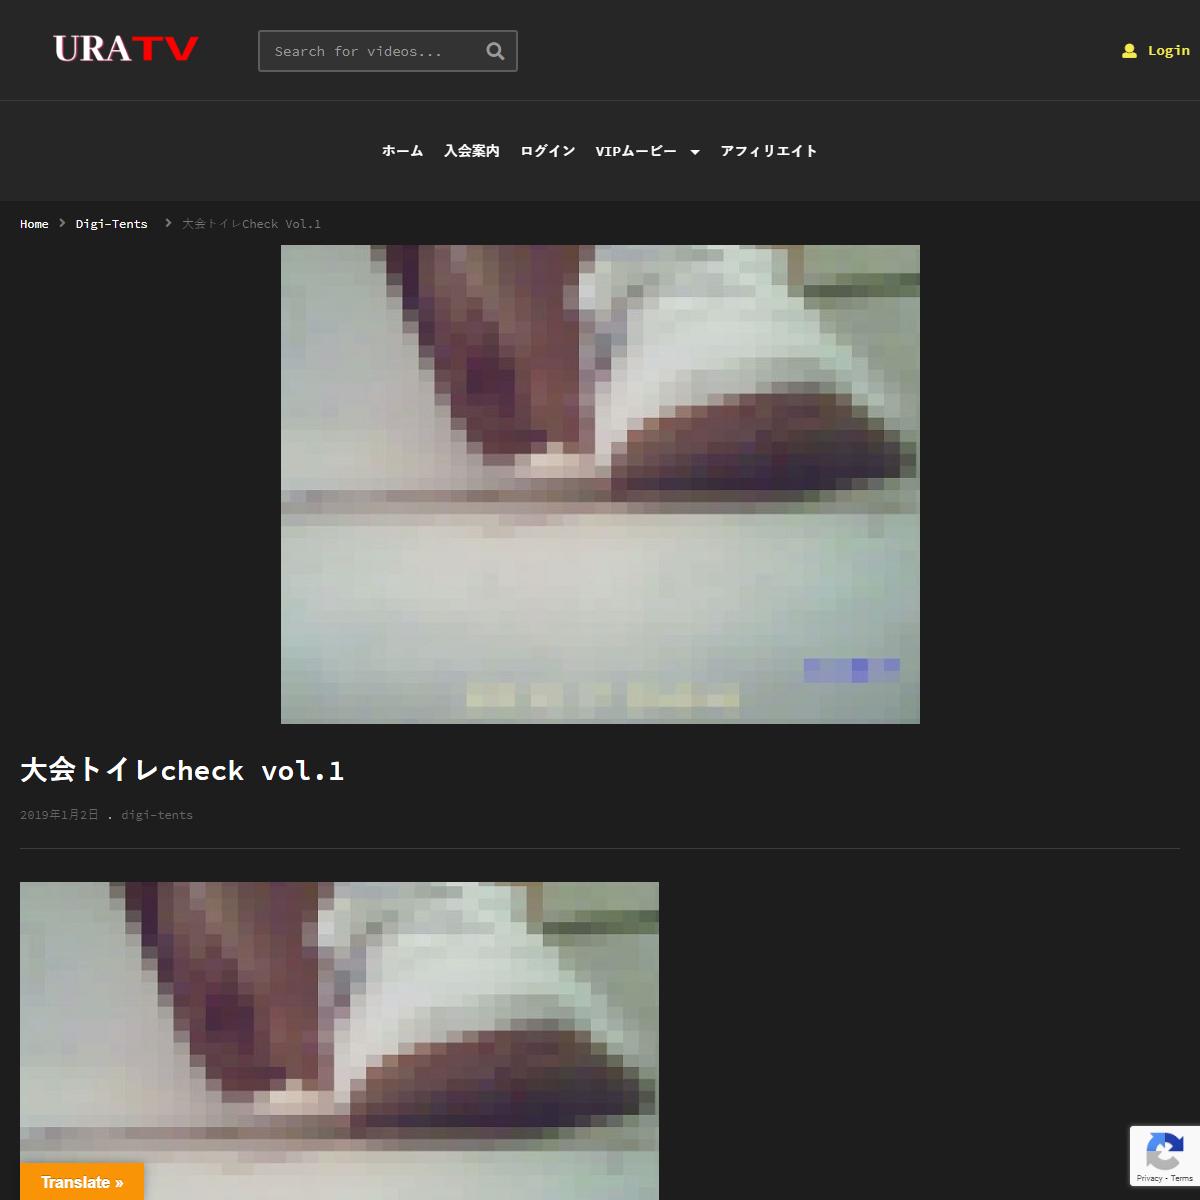 大会トイレcheck vol.1 - URATV